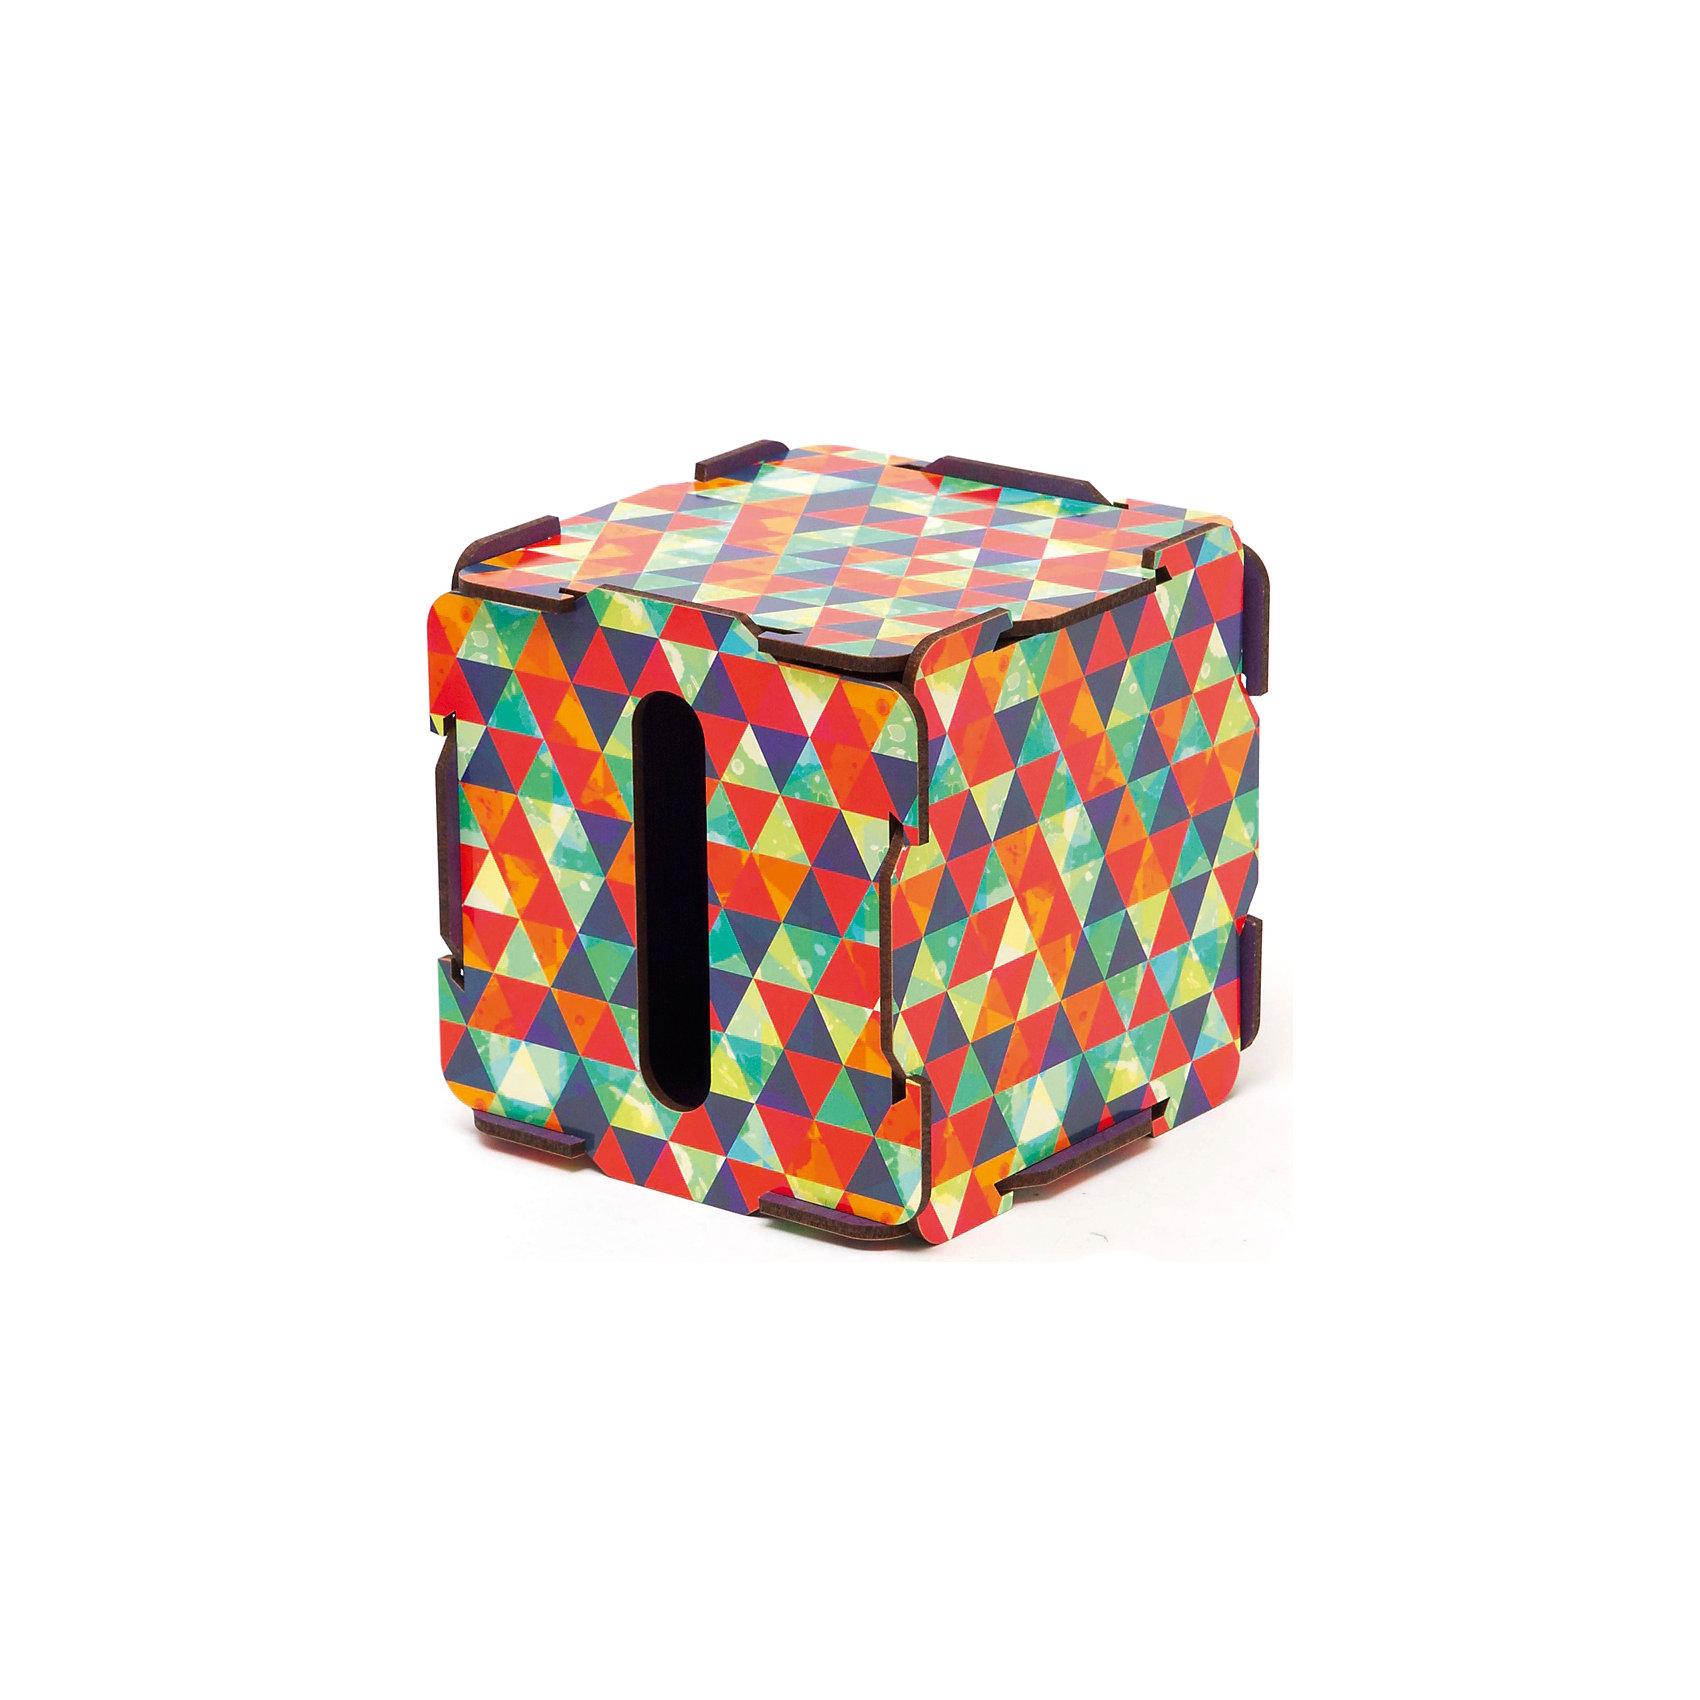 Коробочка для салфеток Треугольник, HomsuПредметы интерьера<br>Оригинальная коробочка представляет собой ящик, изготовленный из МДФ и легко собирающийся, который можно использовать как копилку и органайзер для салфеток, благодаря отделению 10Х1,5см. Коробочка для салфеток и монеток отлично будет смотреться дома и придаст интерьеру оригинальный стиль.<br><br>Ширина мм: 150<br>Глубина мм: 150<br>Высота мм: 30<br>Вес г: 200<br>Возраст от месяцев: 216<br>Возраст до месяцев: 1188<br>Пол: Унисекс<br>Возраст: Детский<br>SKU: 5620257